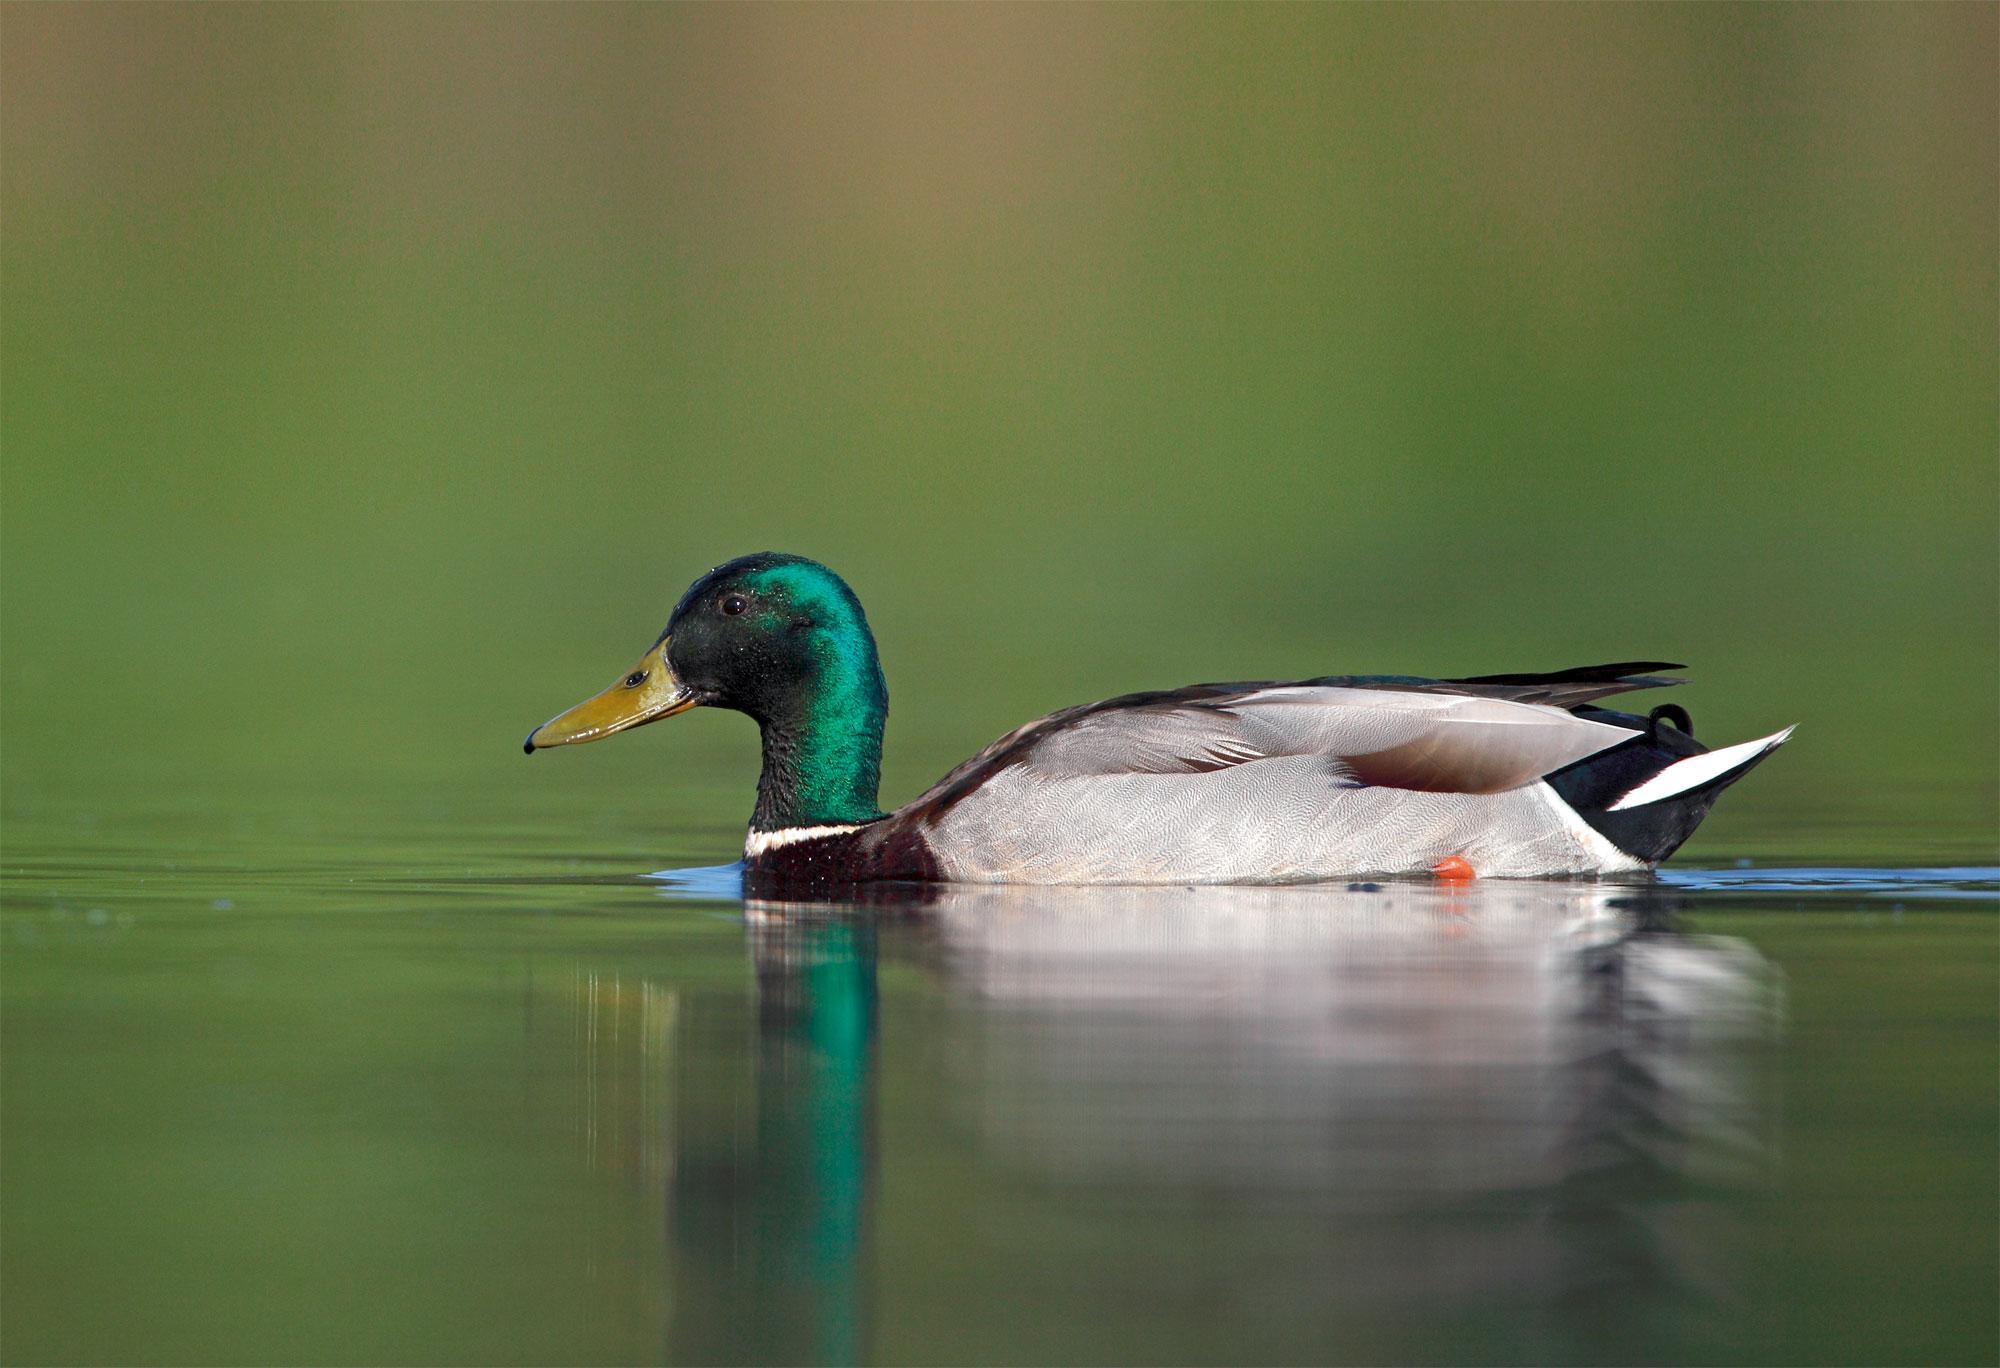 Pourquoi les canards mâles disparaissent-ils en été?